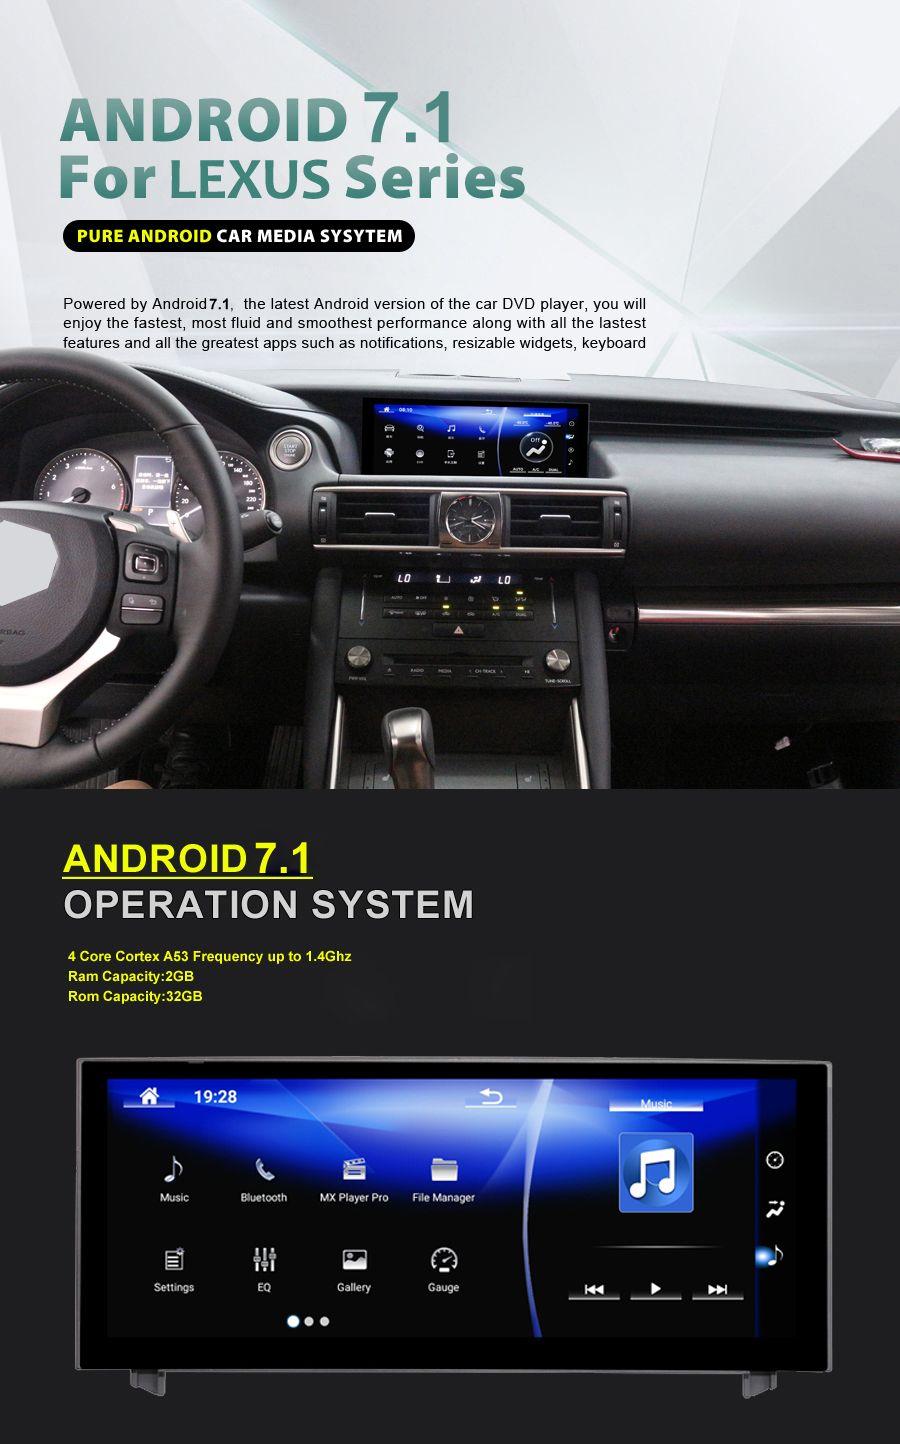 10,25 zoll NAVIRIDER Android 7.1 Auto Radio GPS Navigation BT Kopf Einheit Bildschirm für Lexus IST 200 250 300 350 200 t 300 h 2013-2017